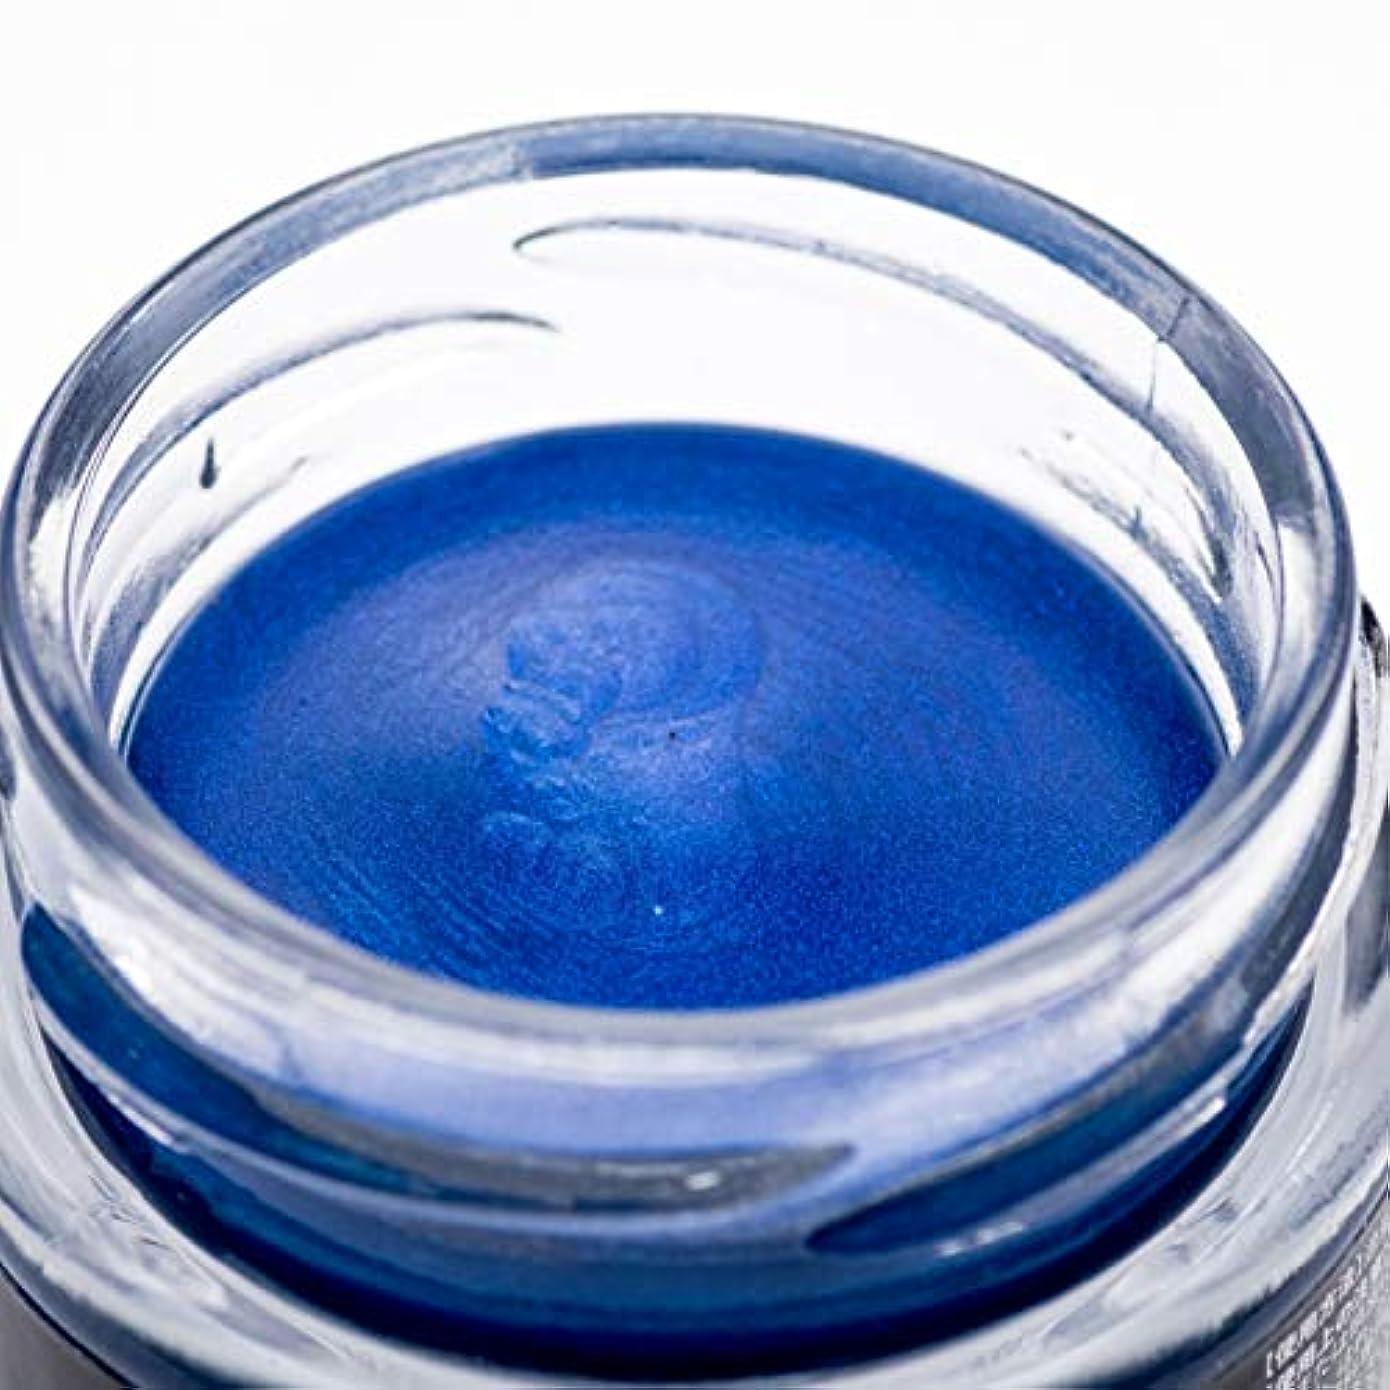 選挙パースナビゲーションEMAJINY エマジニー カラーワックス Mysterious Blue ブルー M25 36g